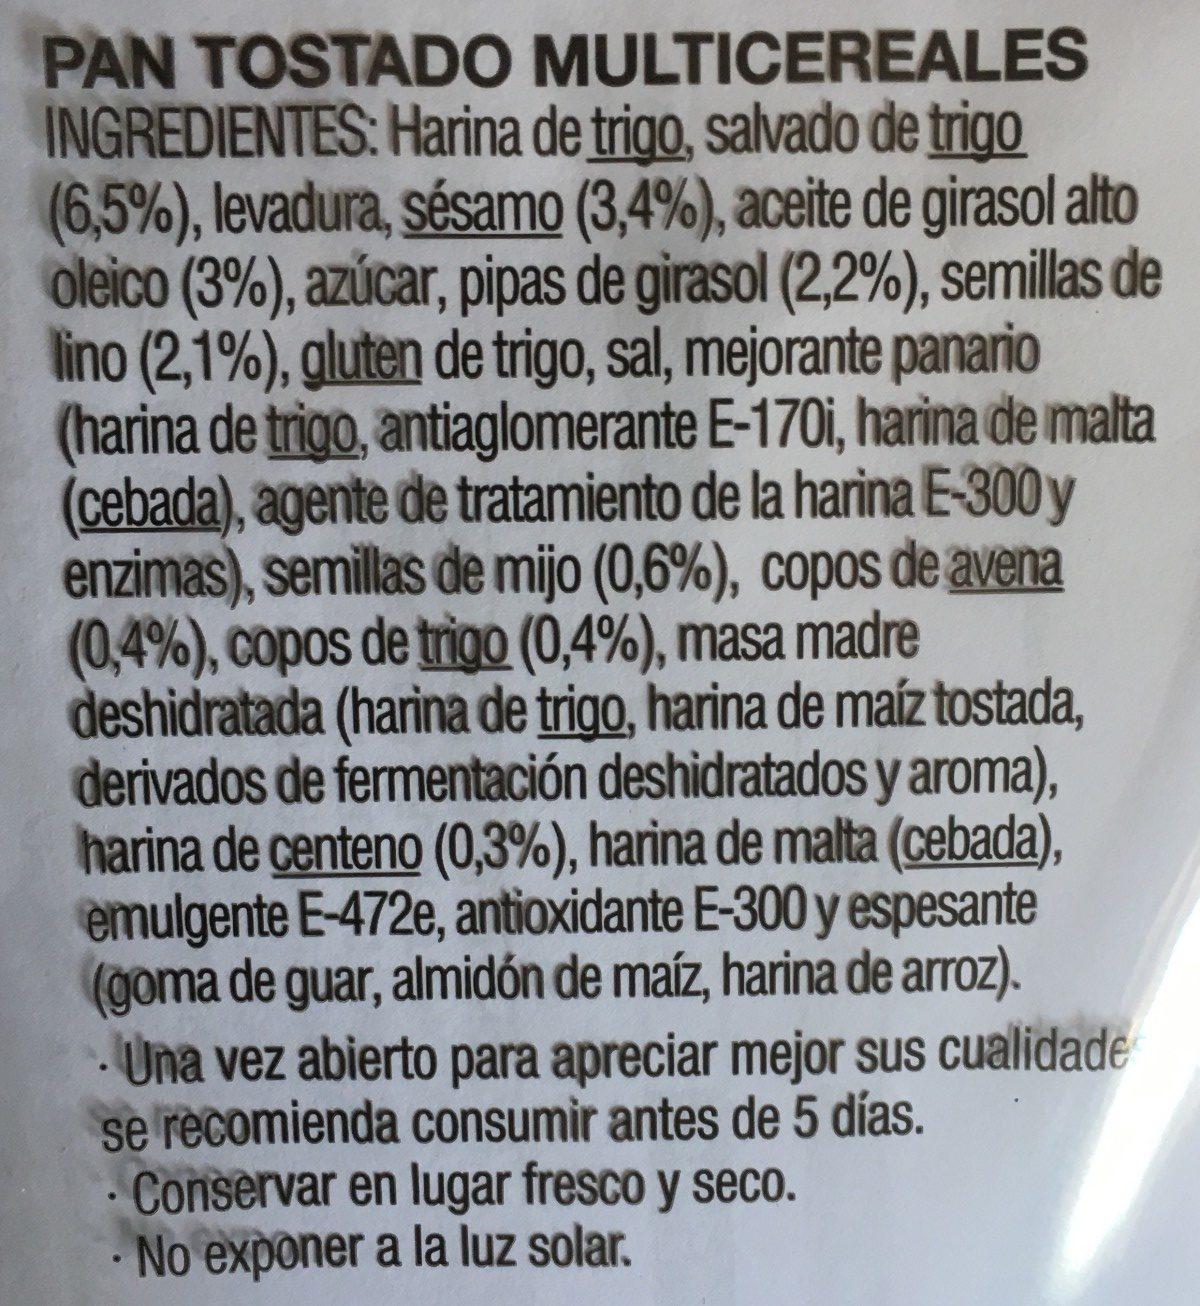 Pan tostado multicereales - Ingredients